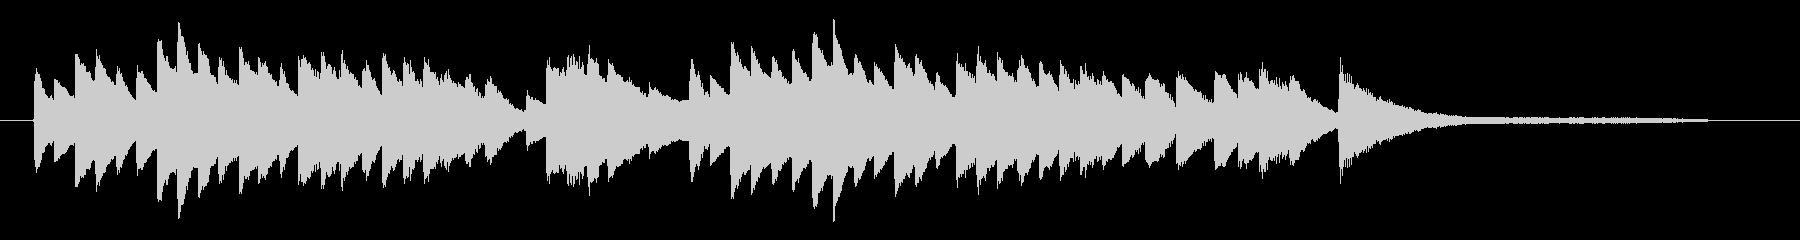 回想シーンにピッタリなピアノソロの未再生の波形